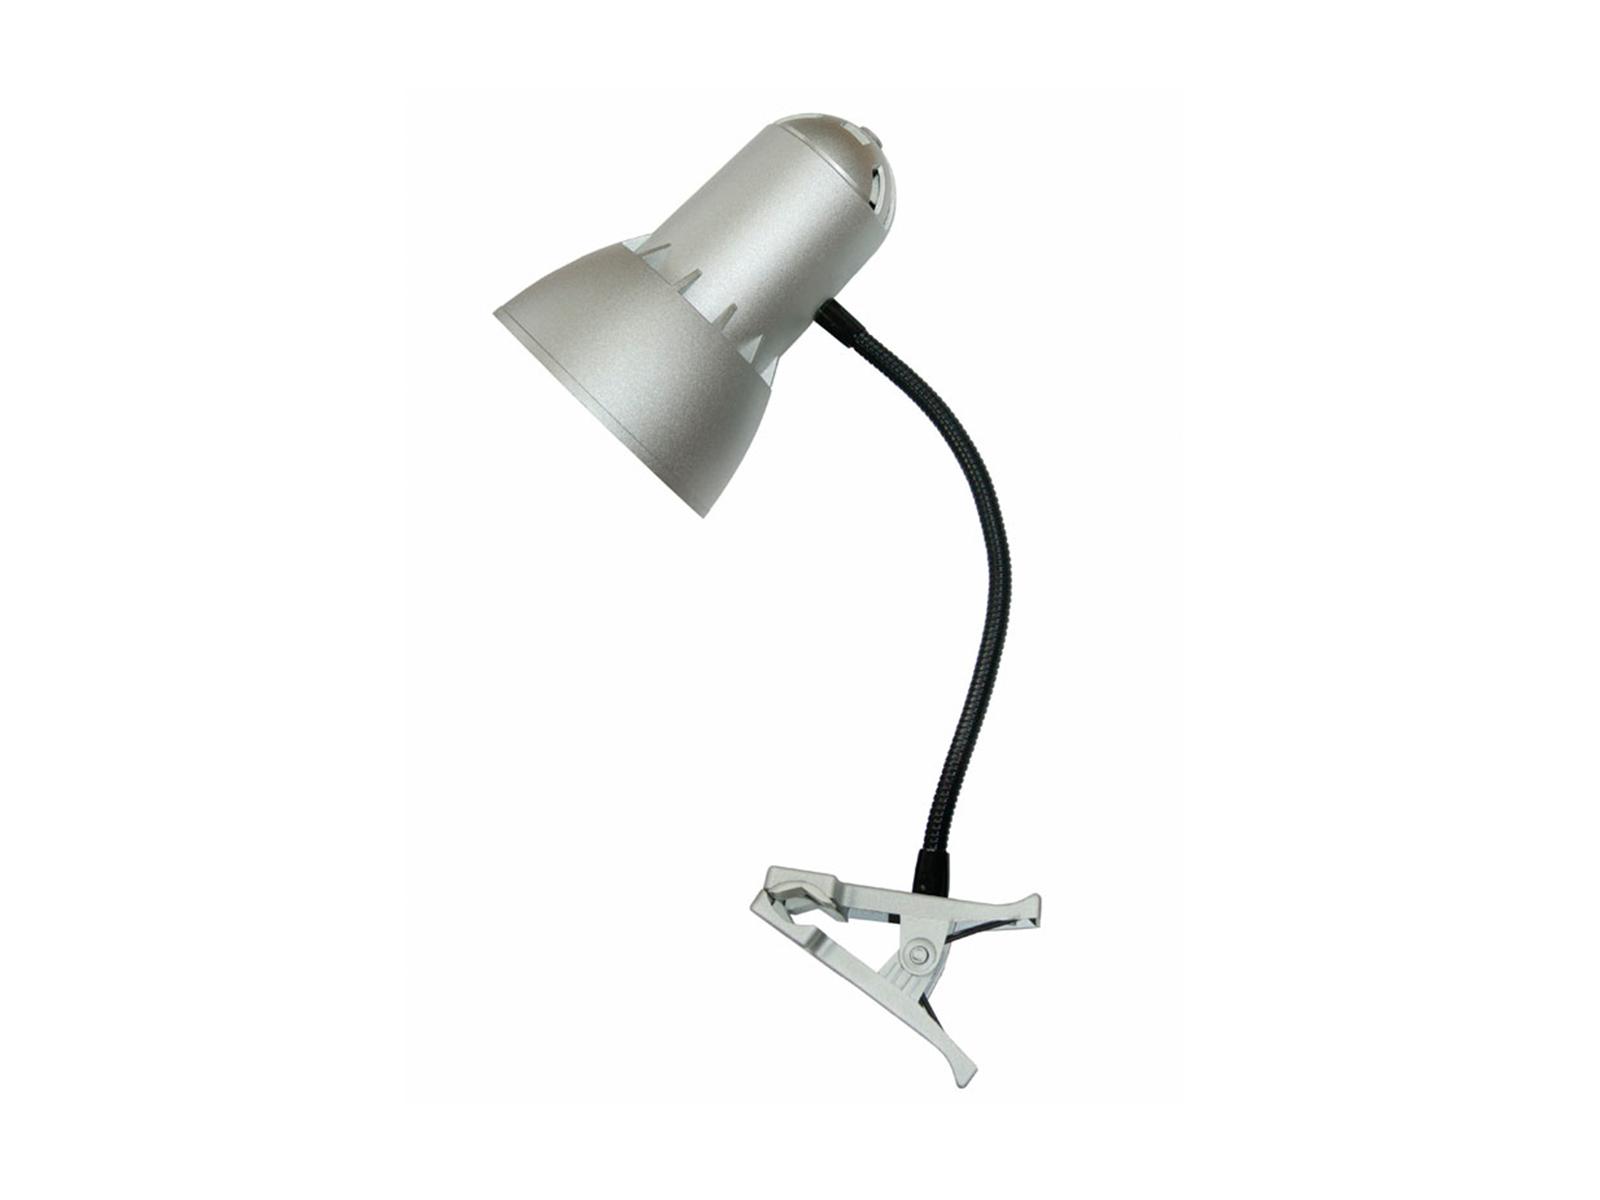 Светильник PupilСветильники настольные<br>Настольный светильник на прищепке устанавливается на горизонтальную или вертикальную поверхность. Гибкая стойка светильника позволяет размещать плафон в любое нужное положение.  Цоколь лампы: Е27. Недопустимо использование ламп накаливания без зеркального...<br>